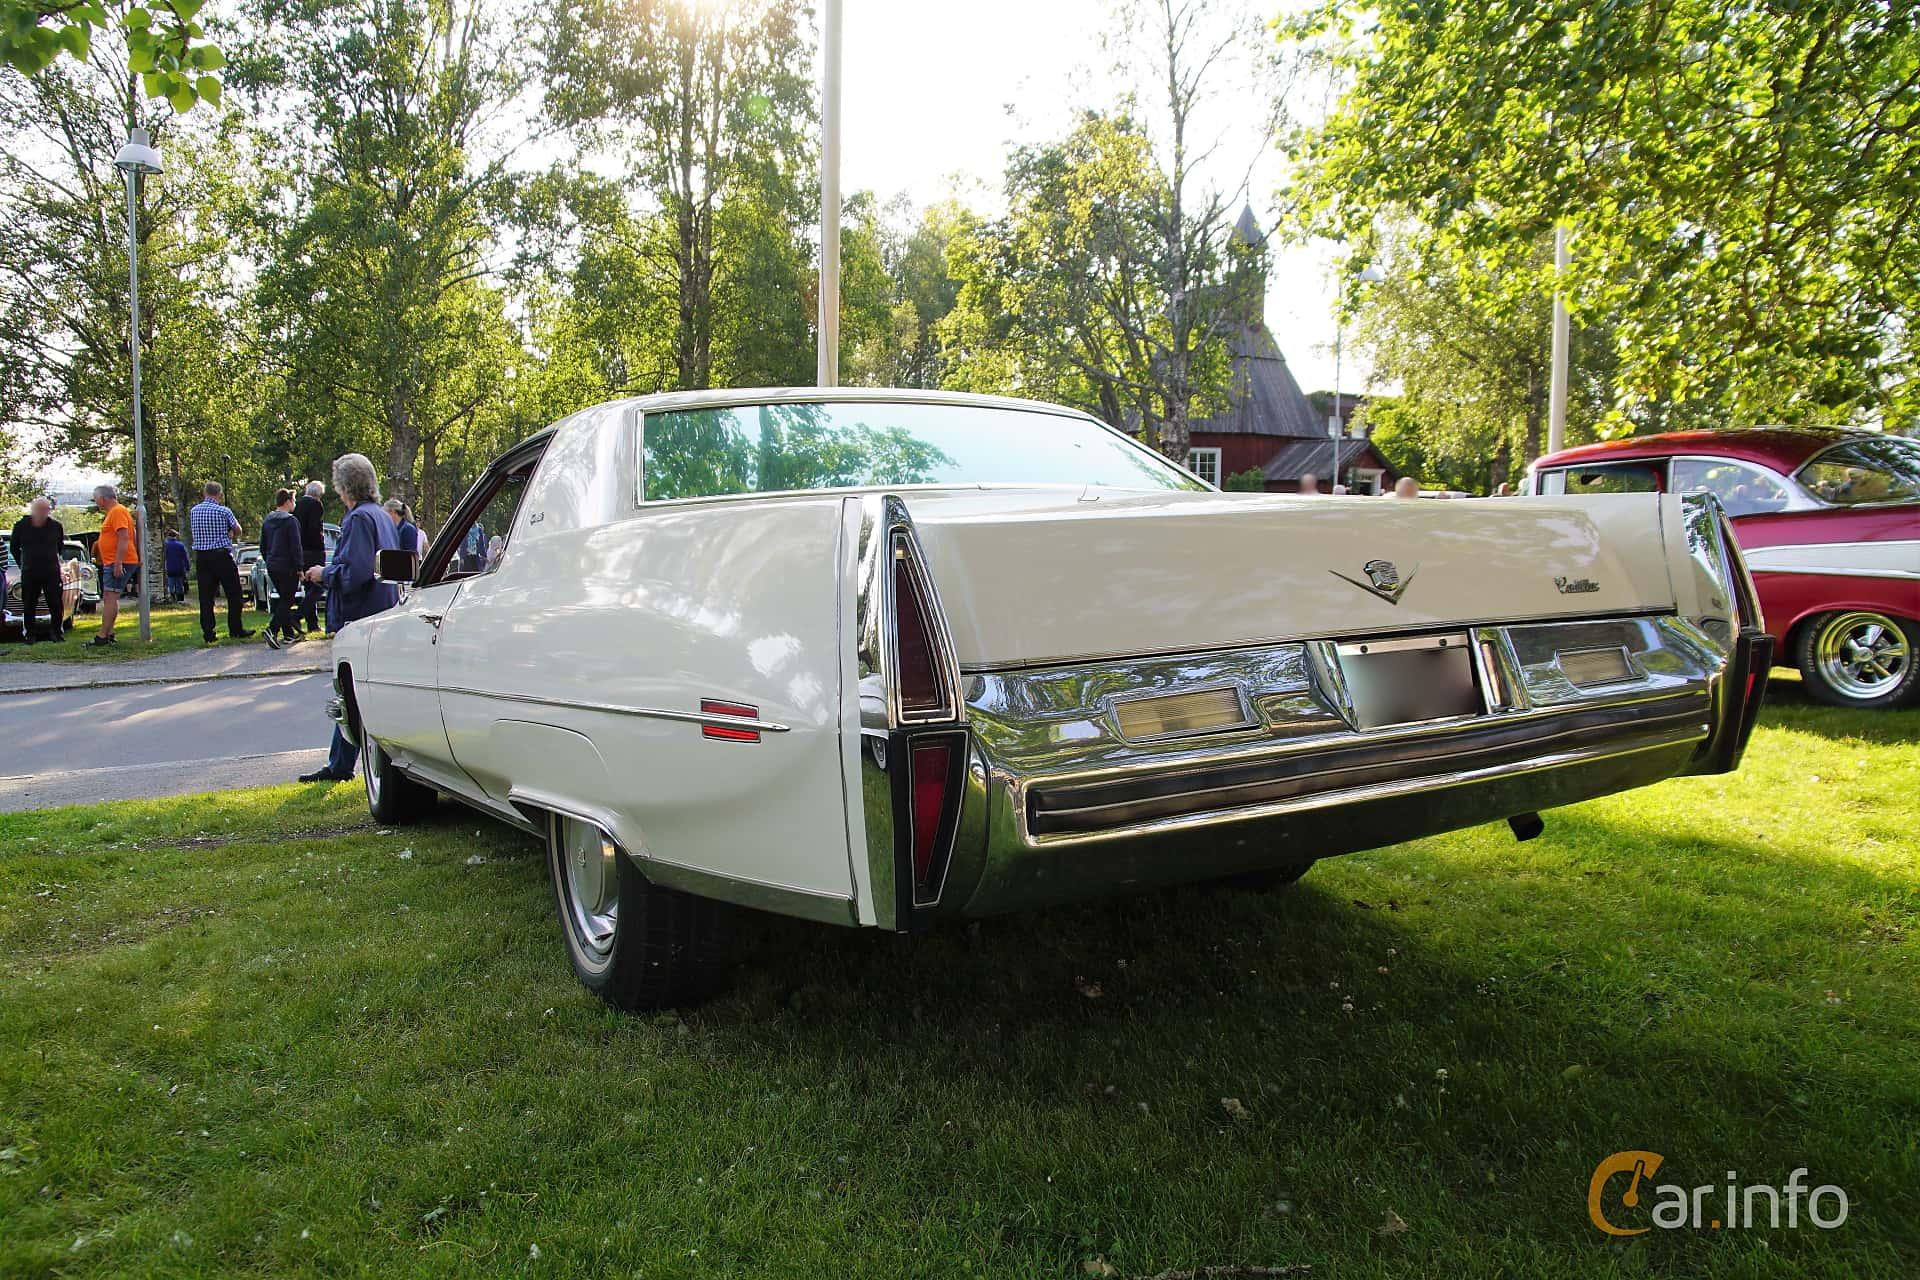 Back/Side of Cadillac Coupé de Ville 7.7 V8 OHV Hydra-Matic, 223ps, 1973 at Onsdagsträffar på Gammlia Umeå 2019 vecka 28